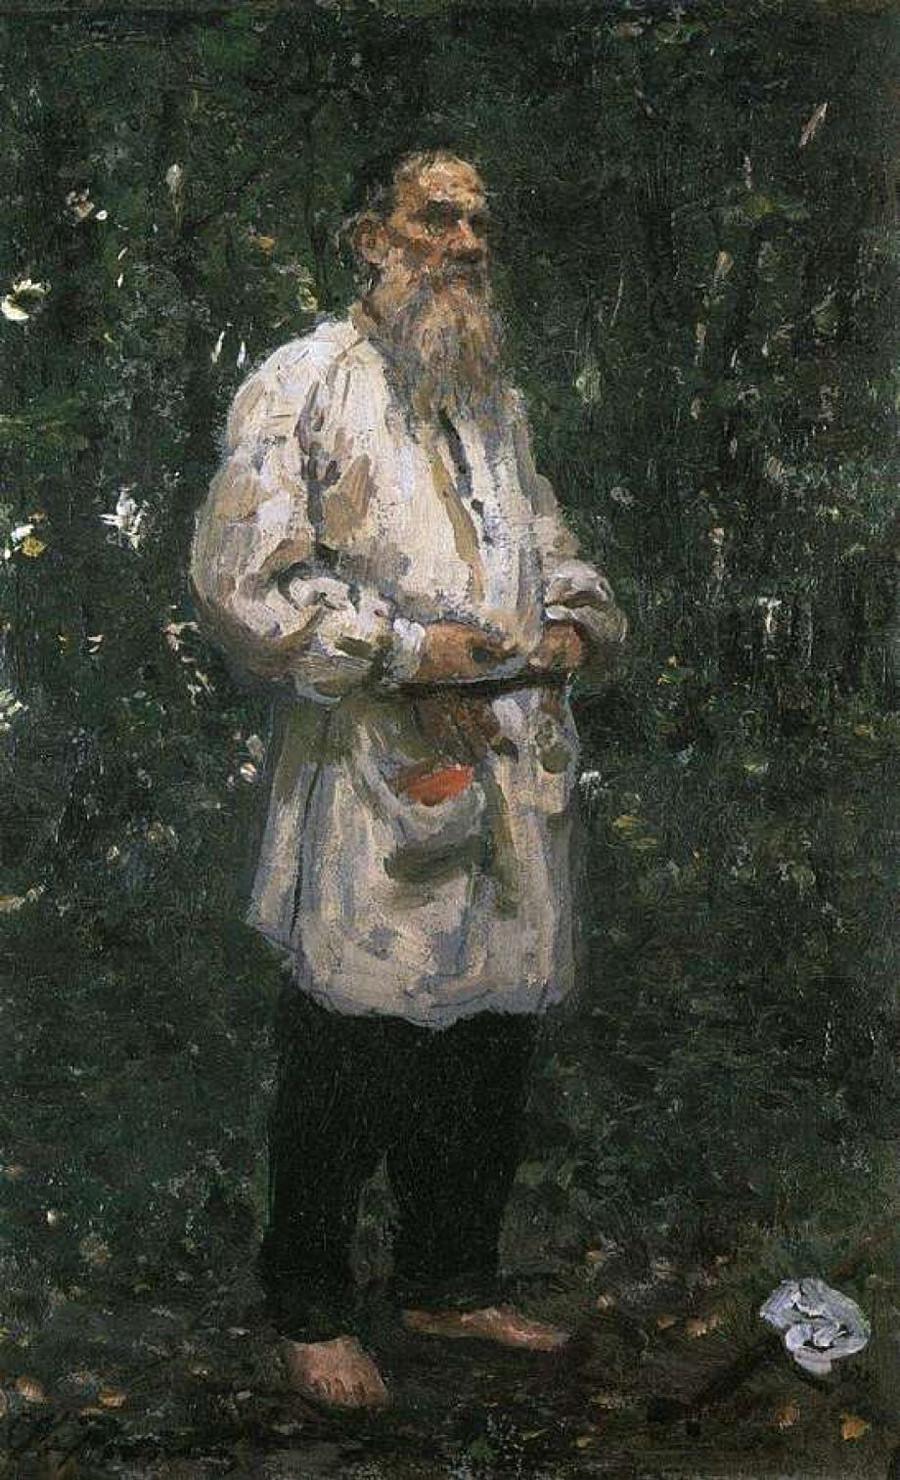 Léon Tolstoï pieds nus. Étude pour un portrait du même titre, 1891